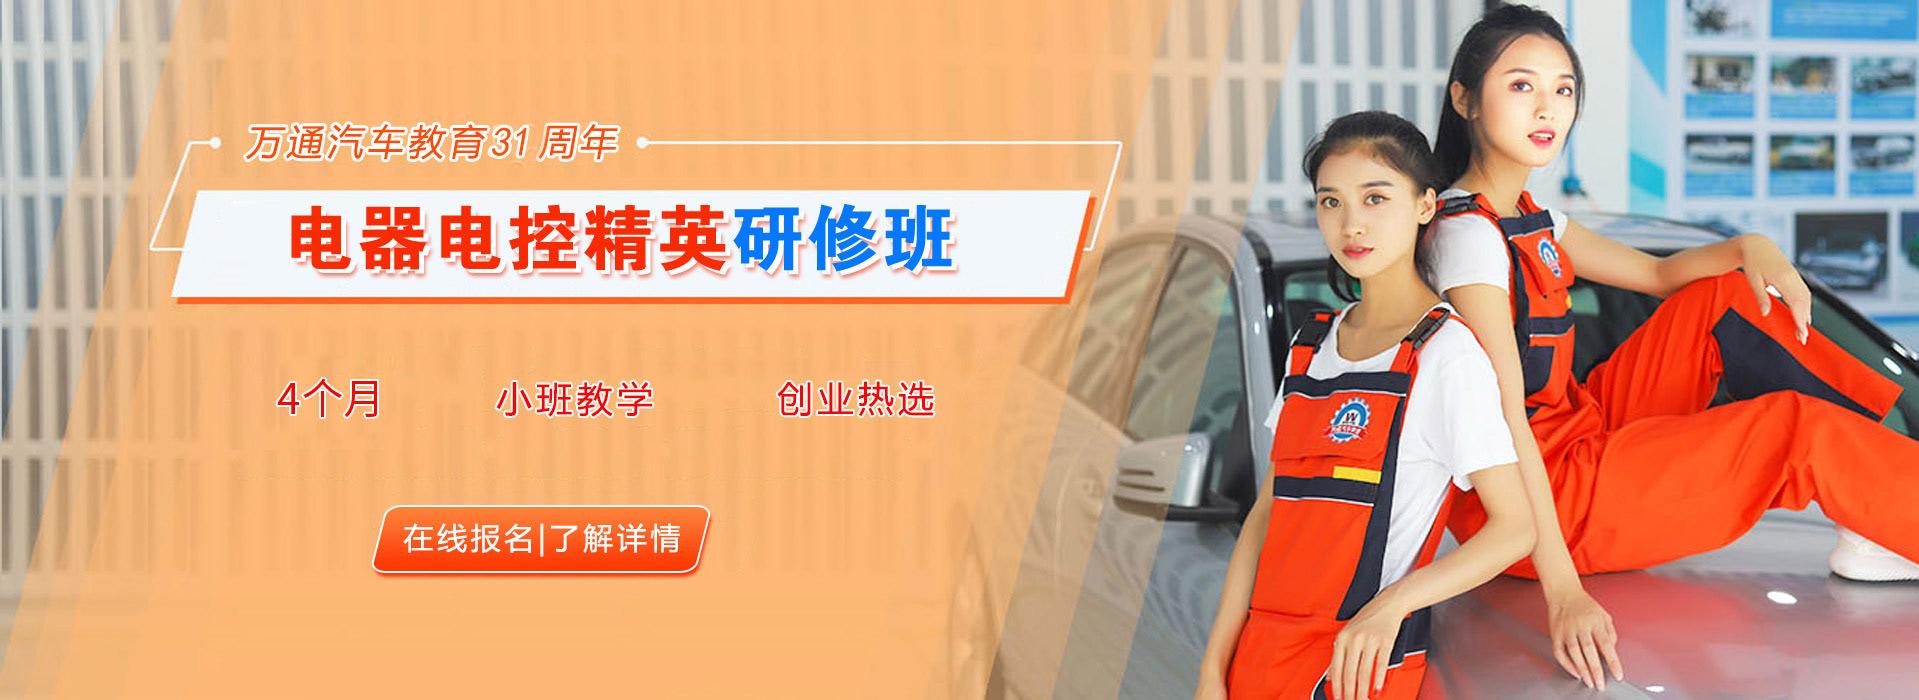 好专业成就好未来   汽车电气电控精英研修班